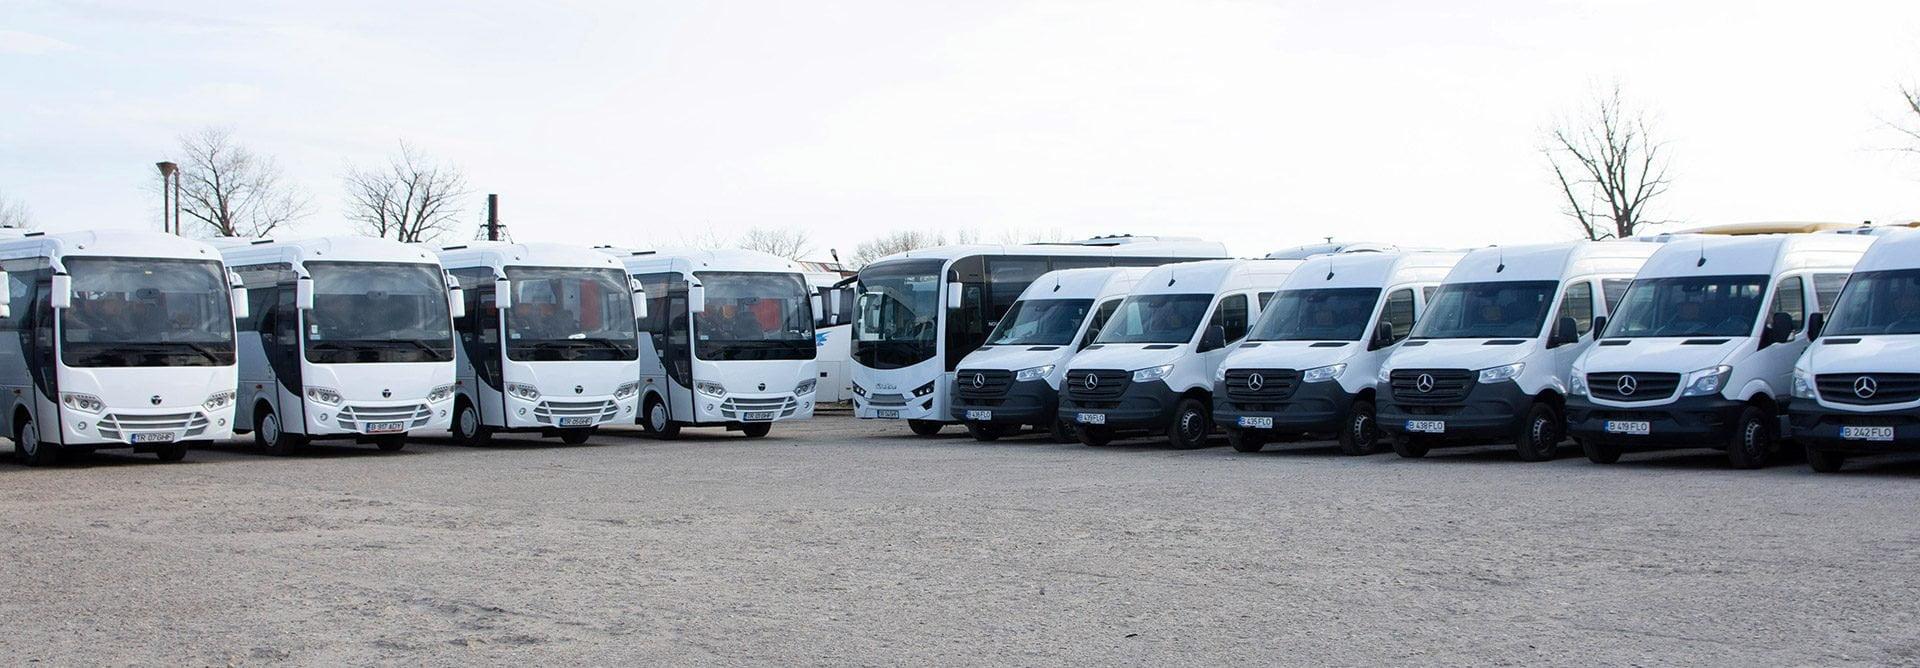 Siguranță, promptitudine și respect în cadrul Transcar București